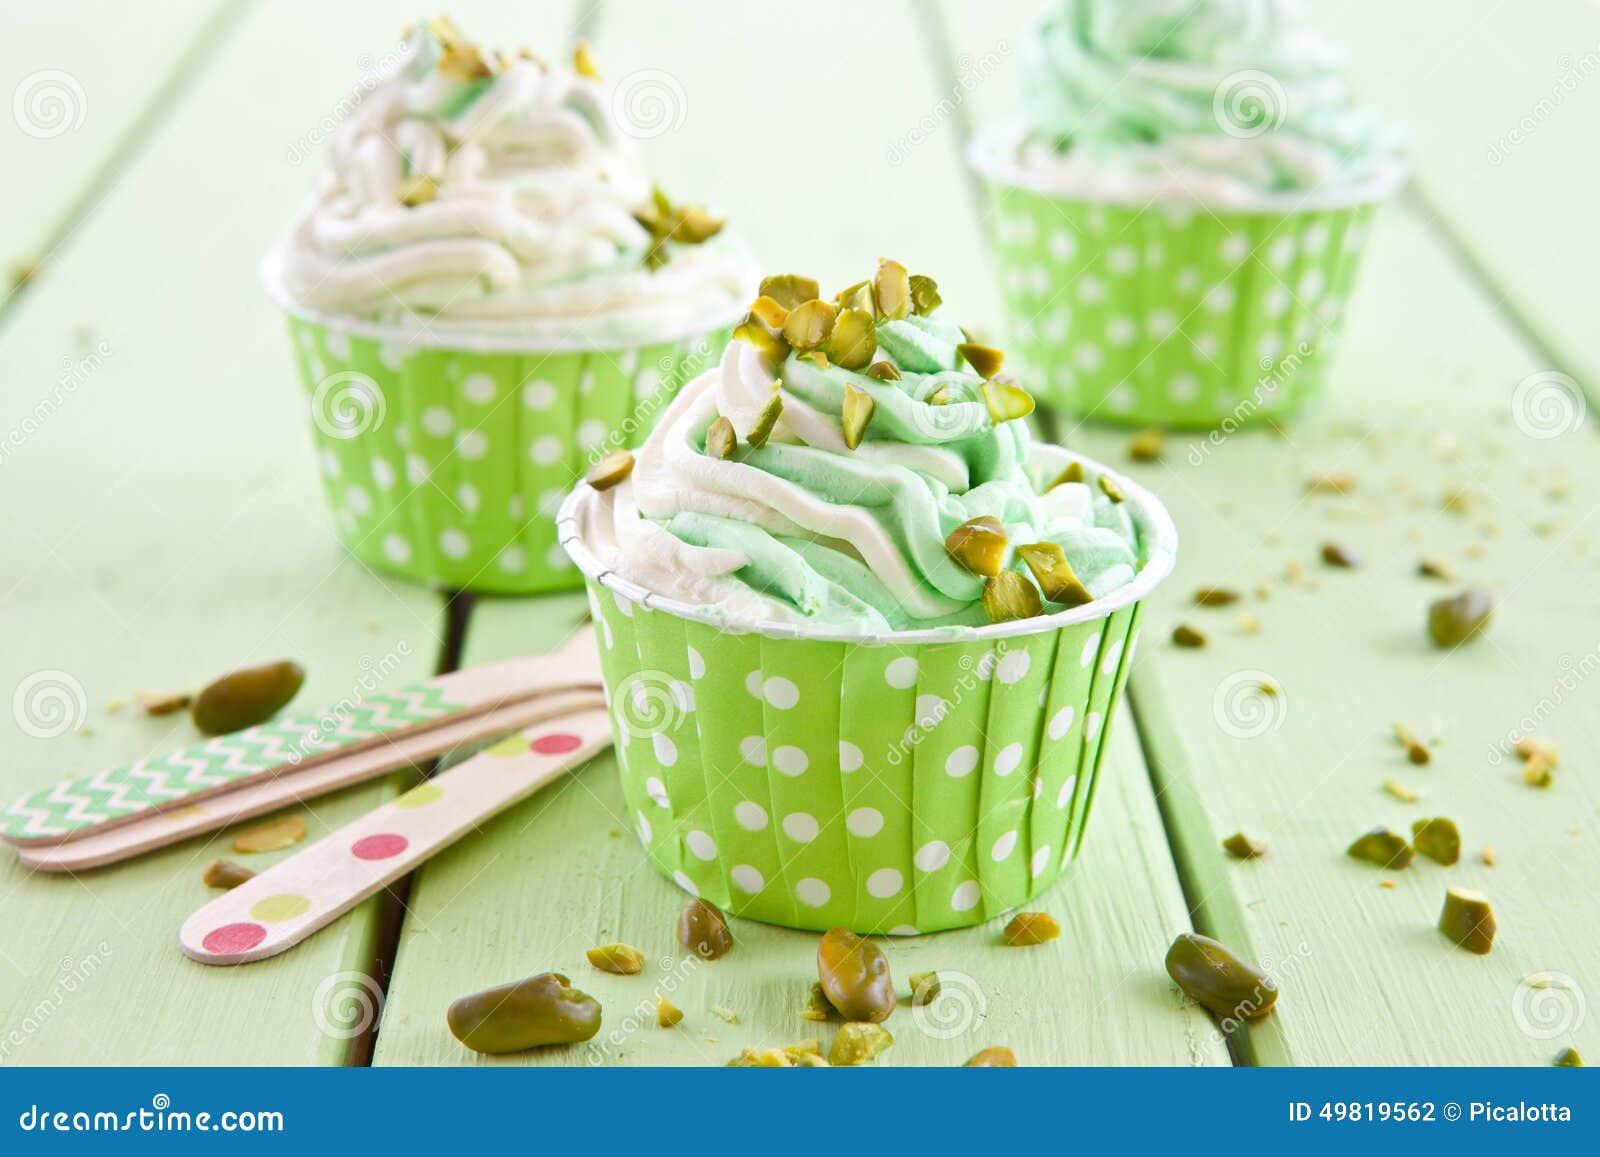 Замороженный йогурт с свежей фисташкой